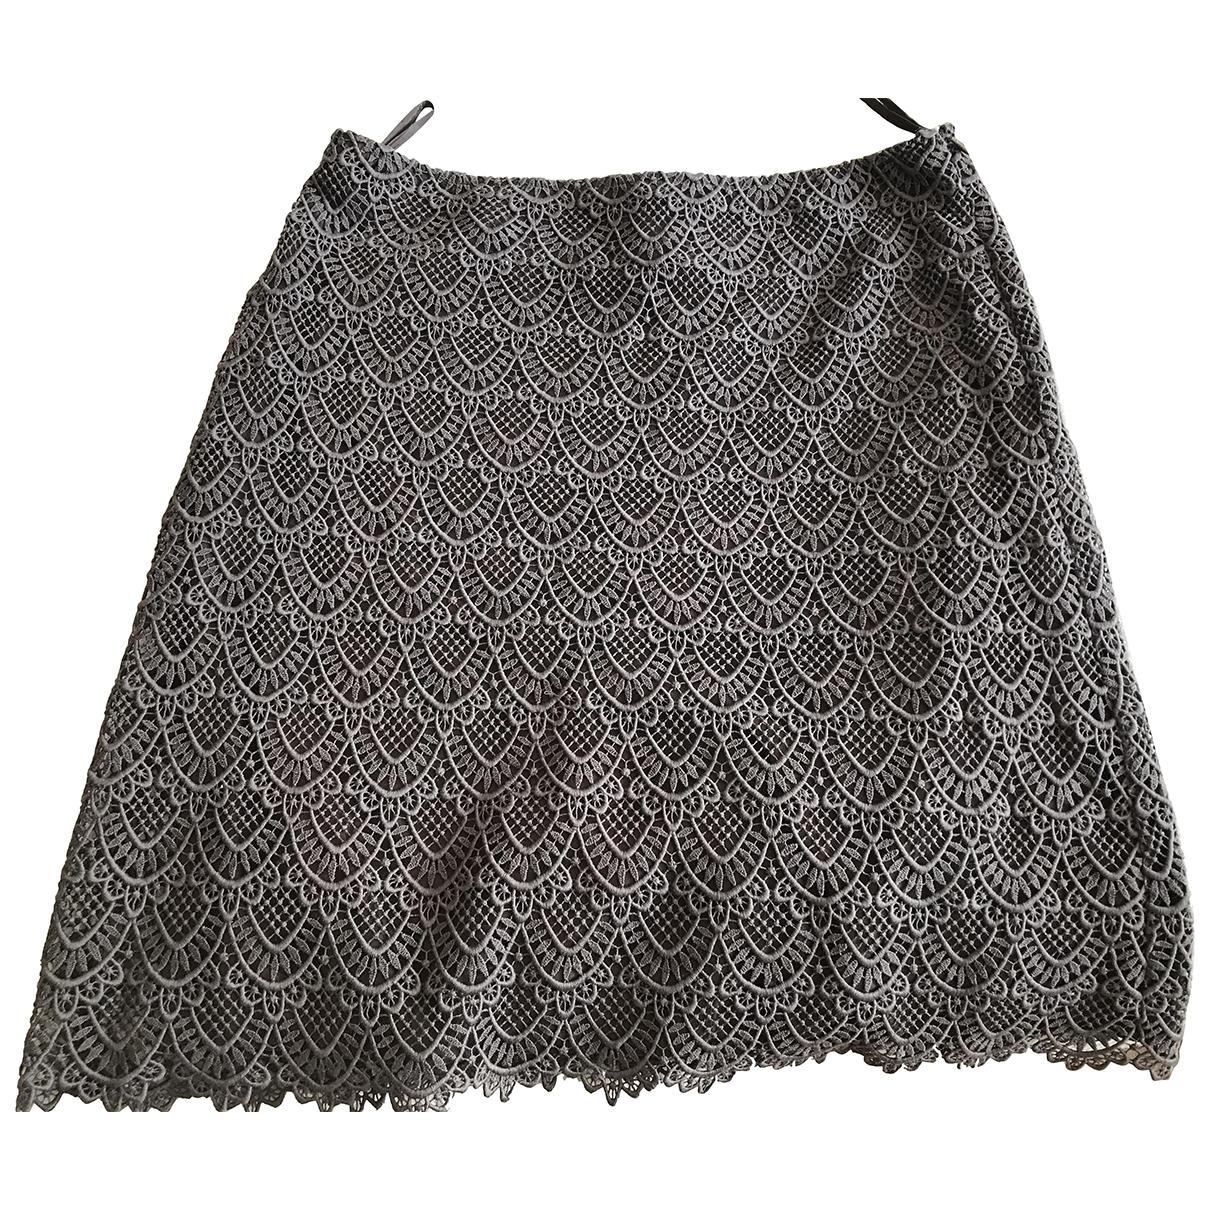 Valentino Garavani \N Brown Cotton skirt for Women 48 IT